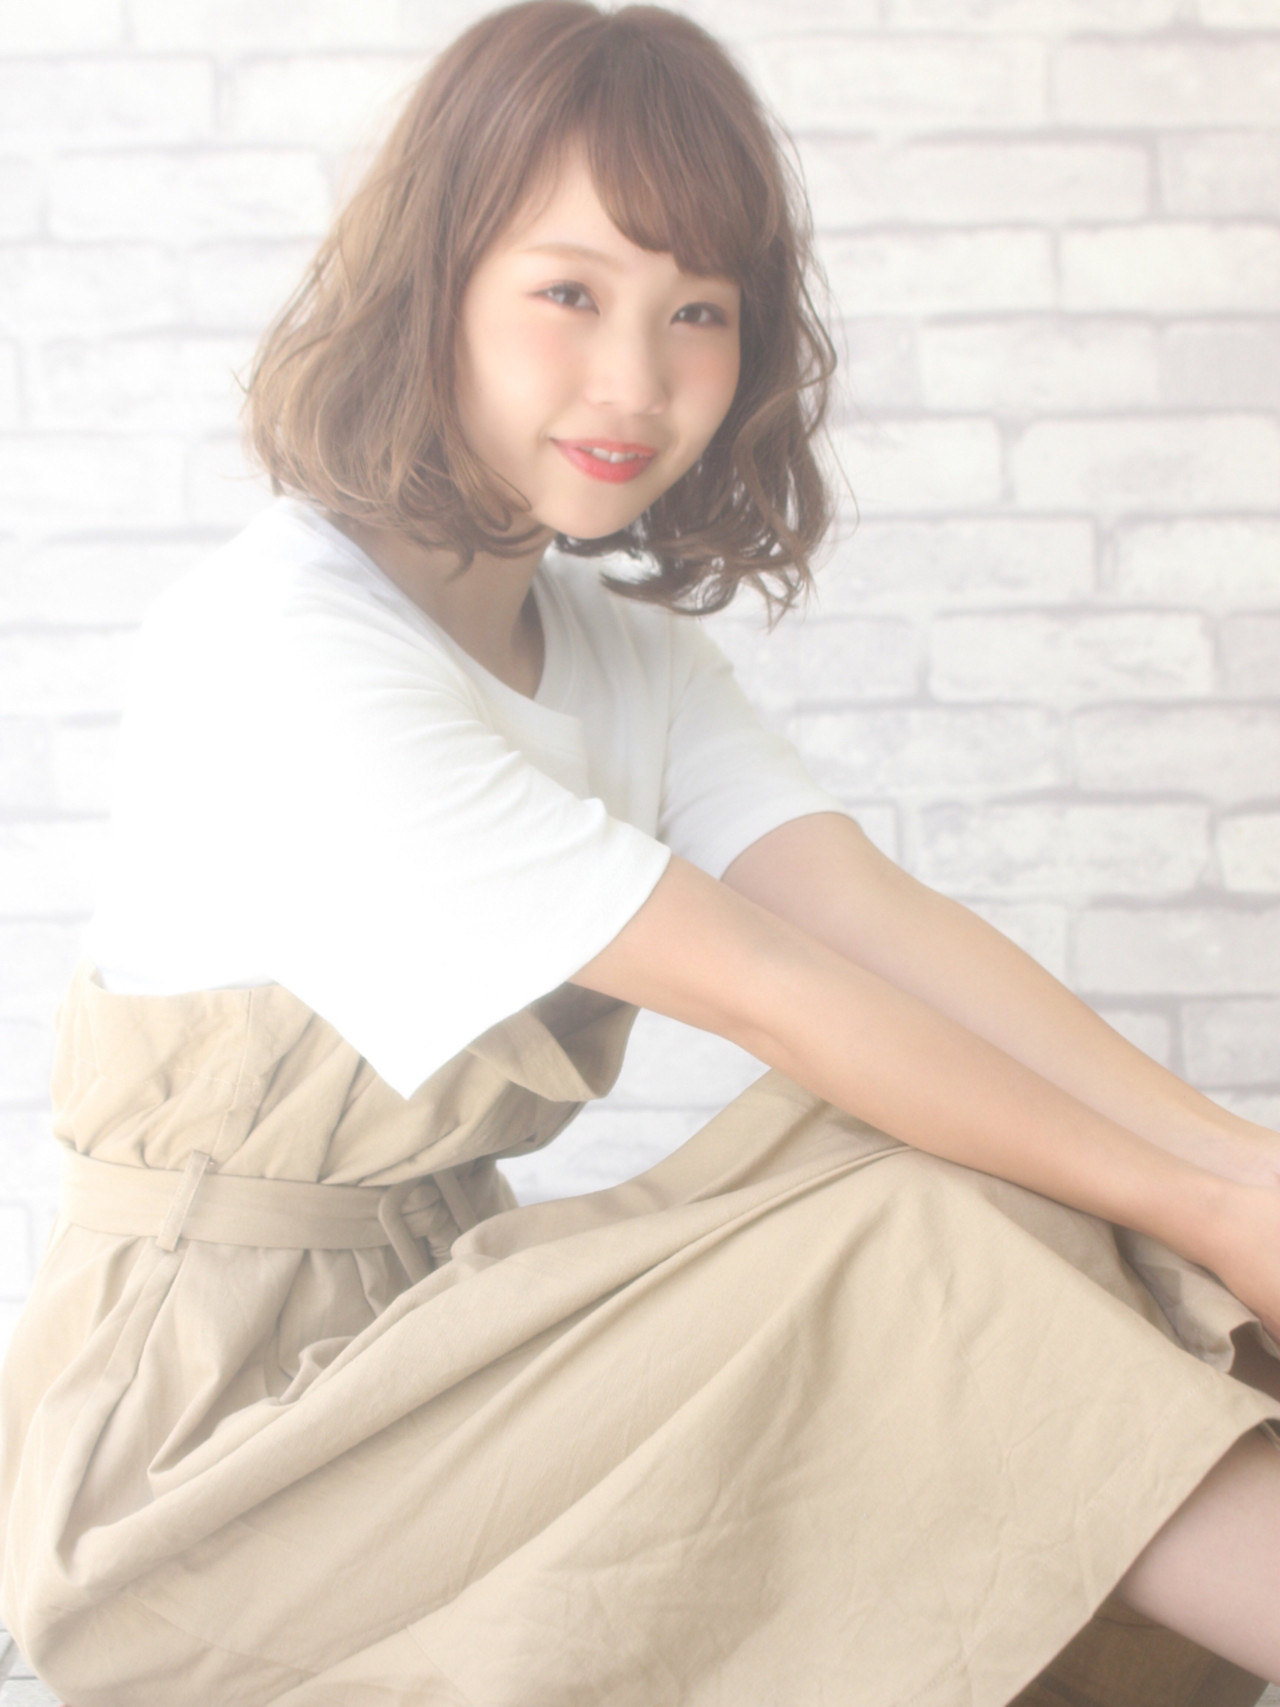 アンニュイ ナチュラル 色気 小顔 ヘアスタイルや髪型の写真・画像 | 山下 拓也 / パースィート 目黒